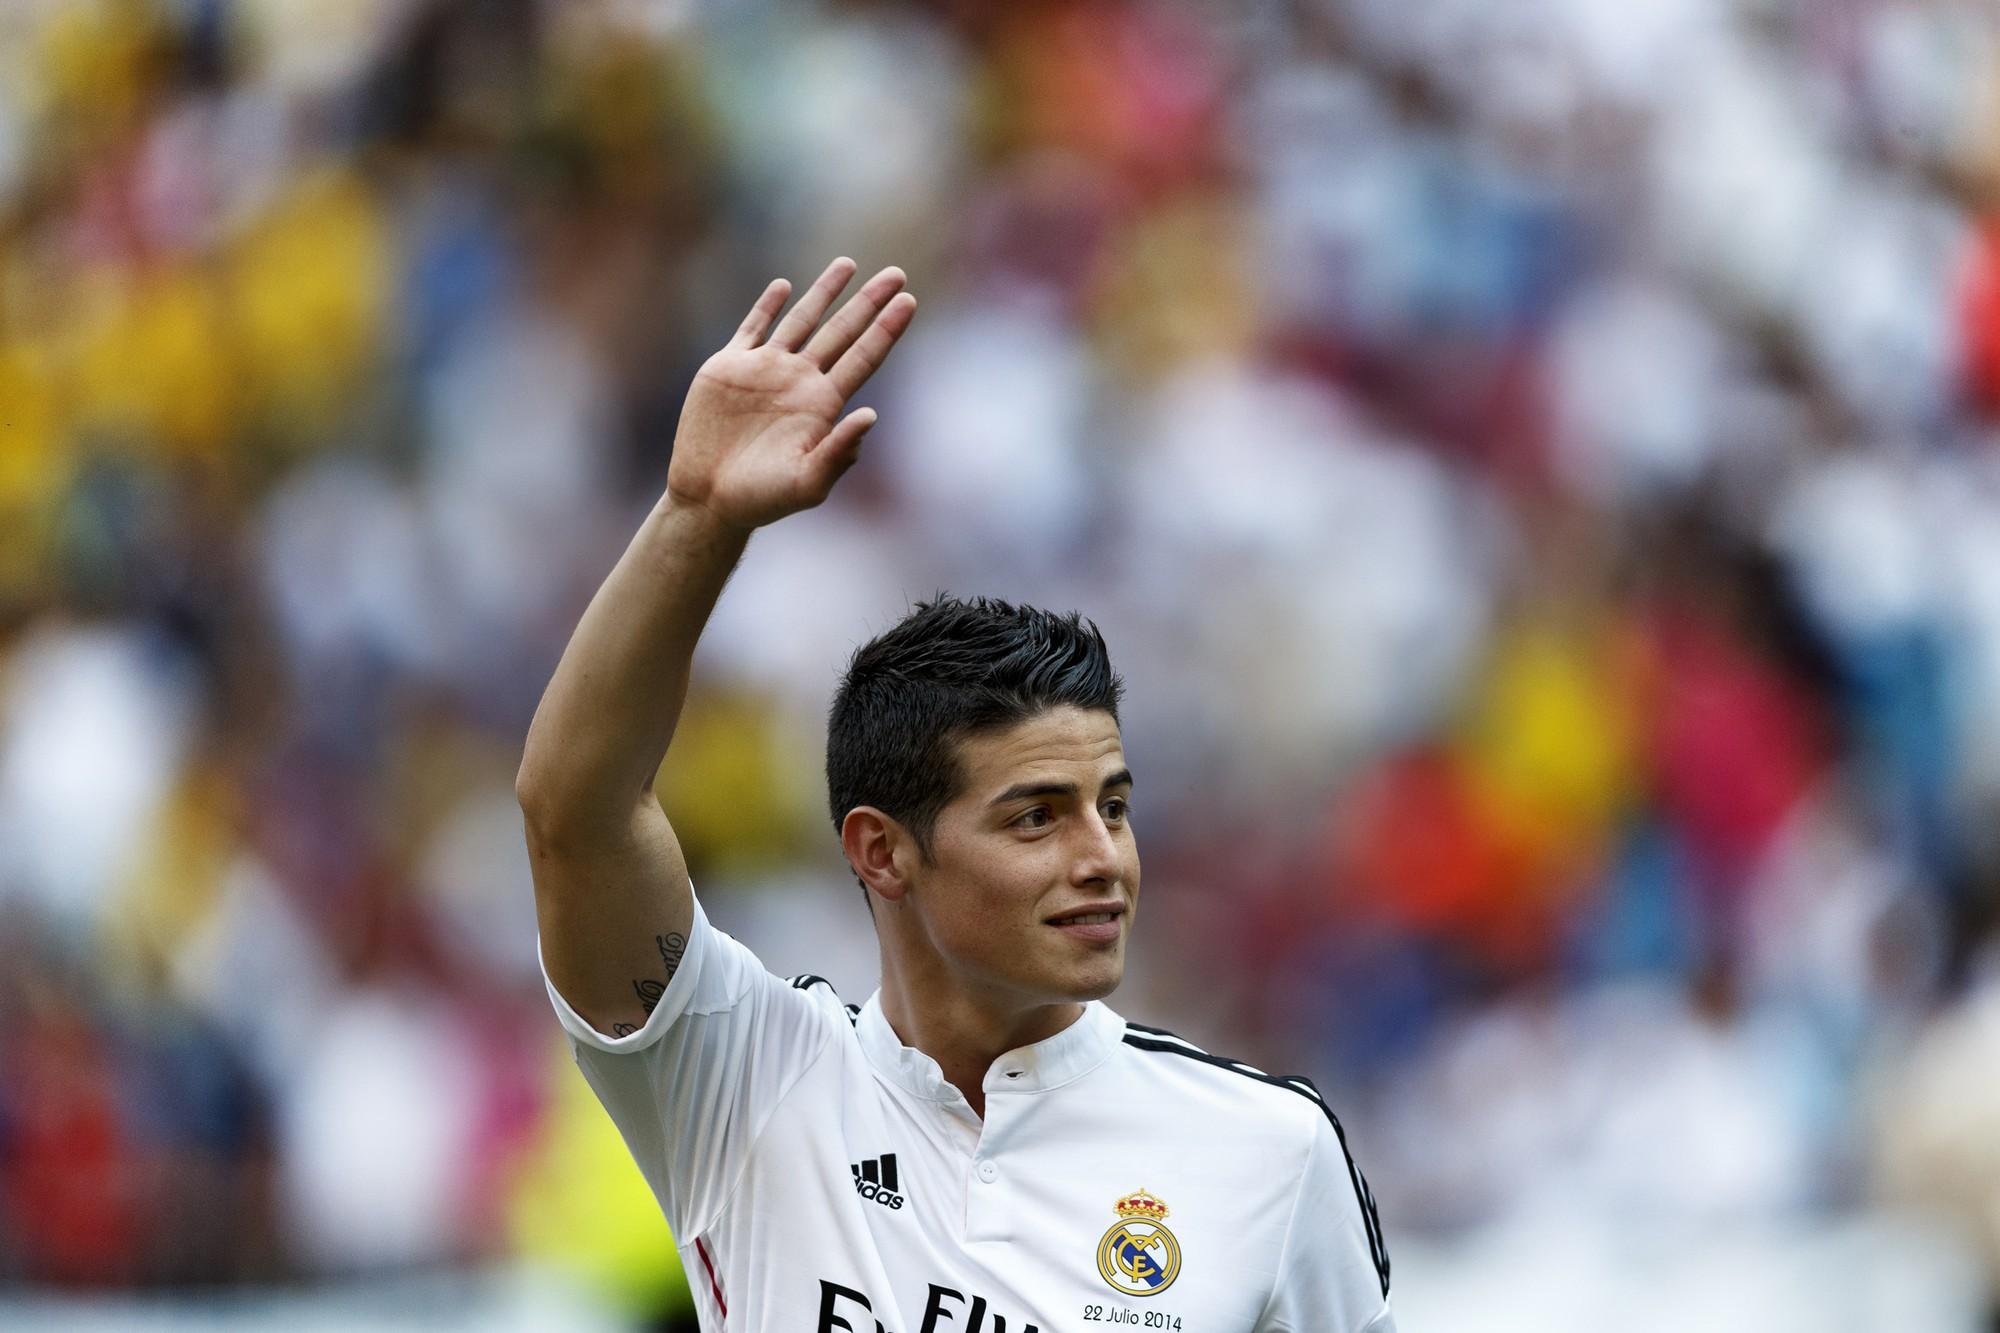 Siêu tiền vệ giá 98 triệu euro ra mắt hoành tráng và hầm hố là thế nhưng vẫn chưa là gì nếu so với Ronaldo - Ảnh 2.